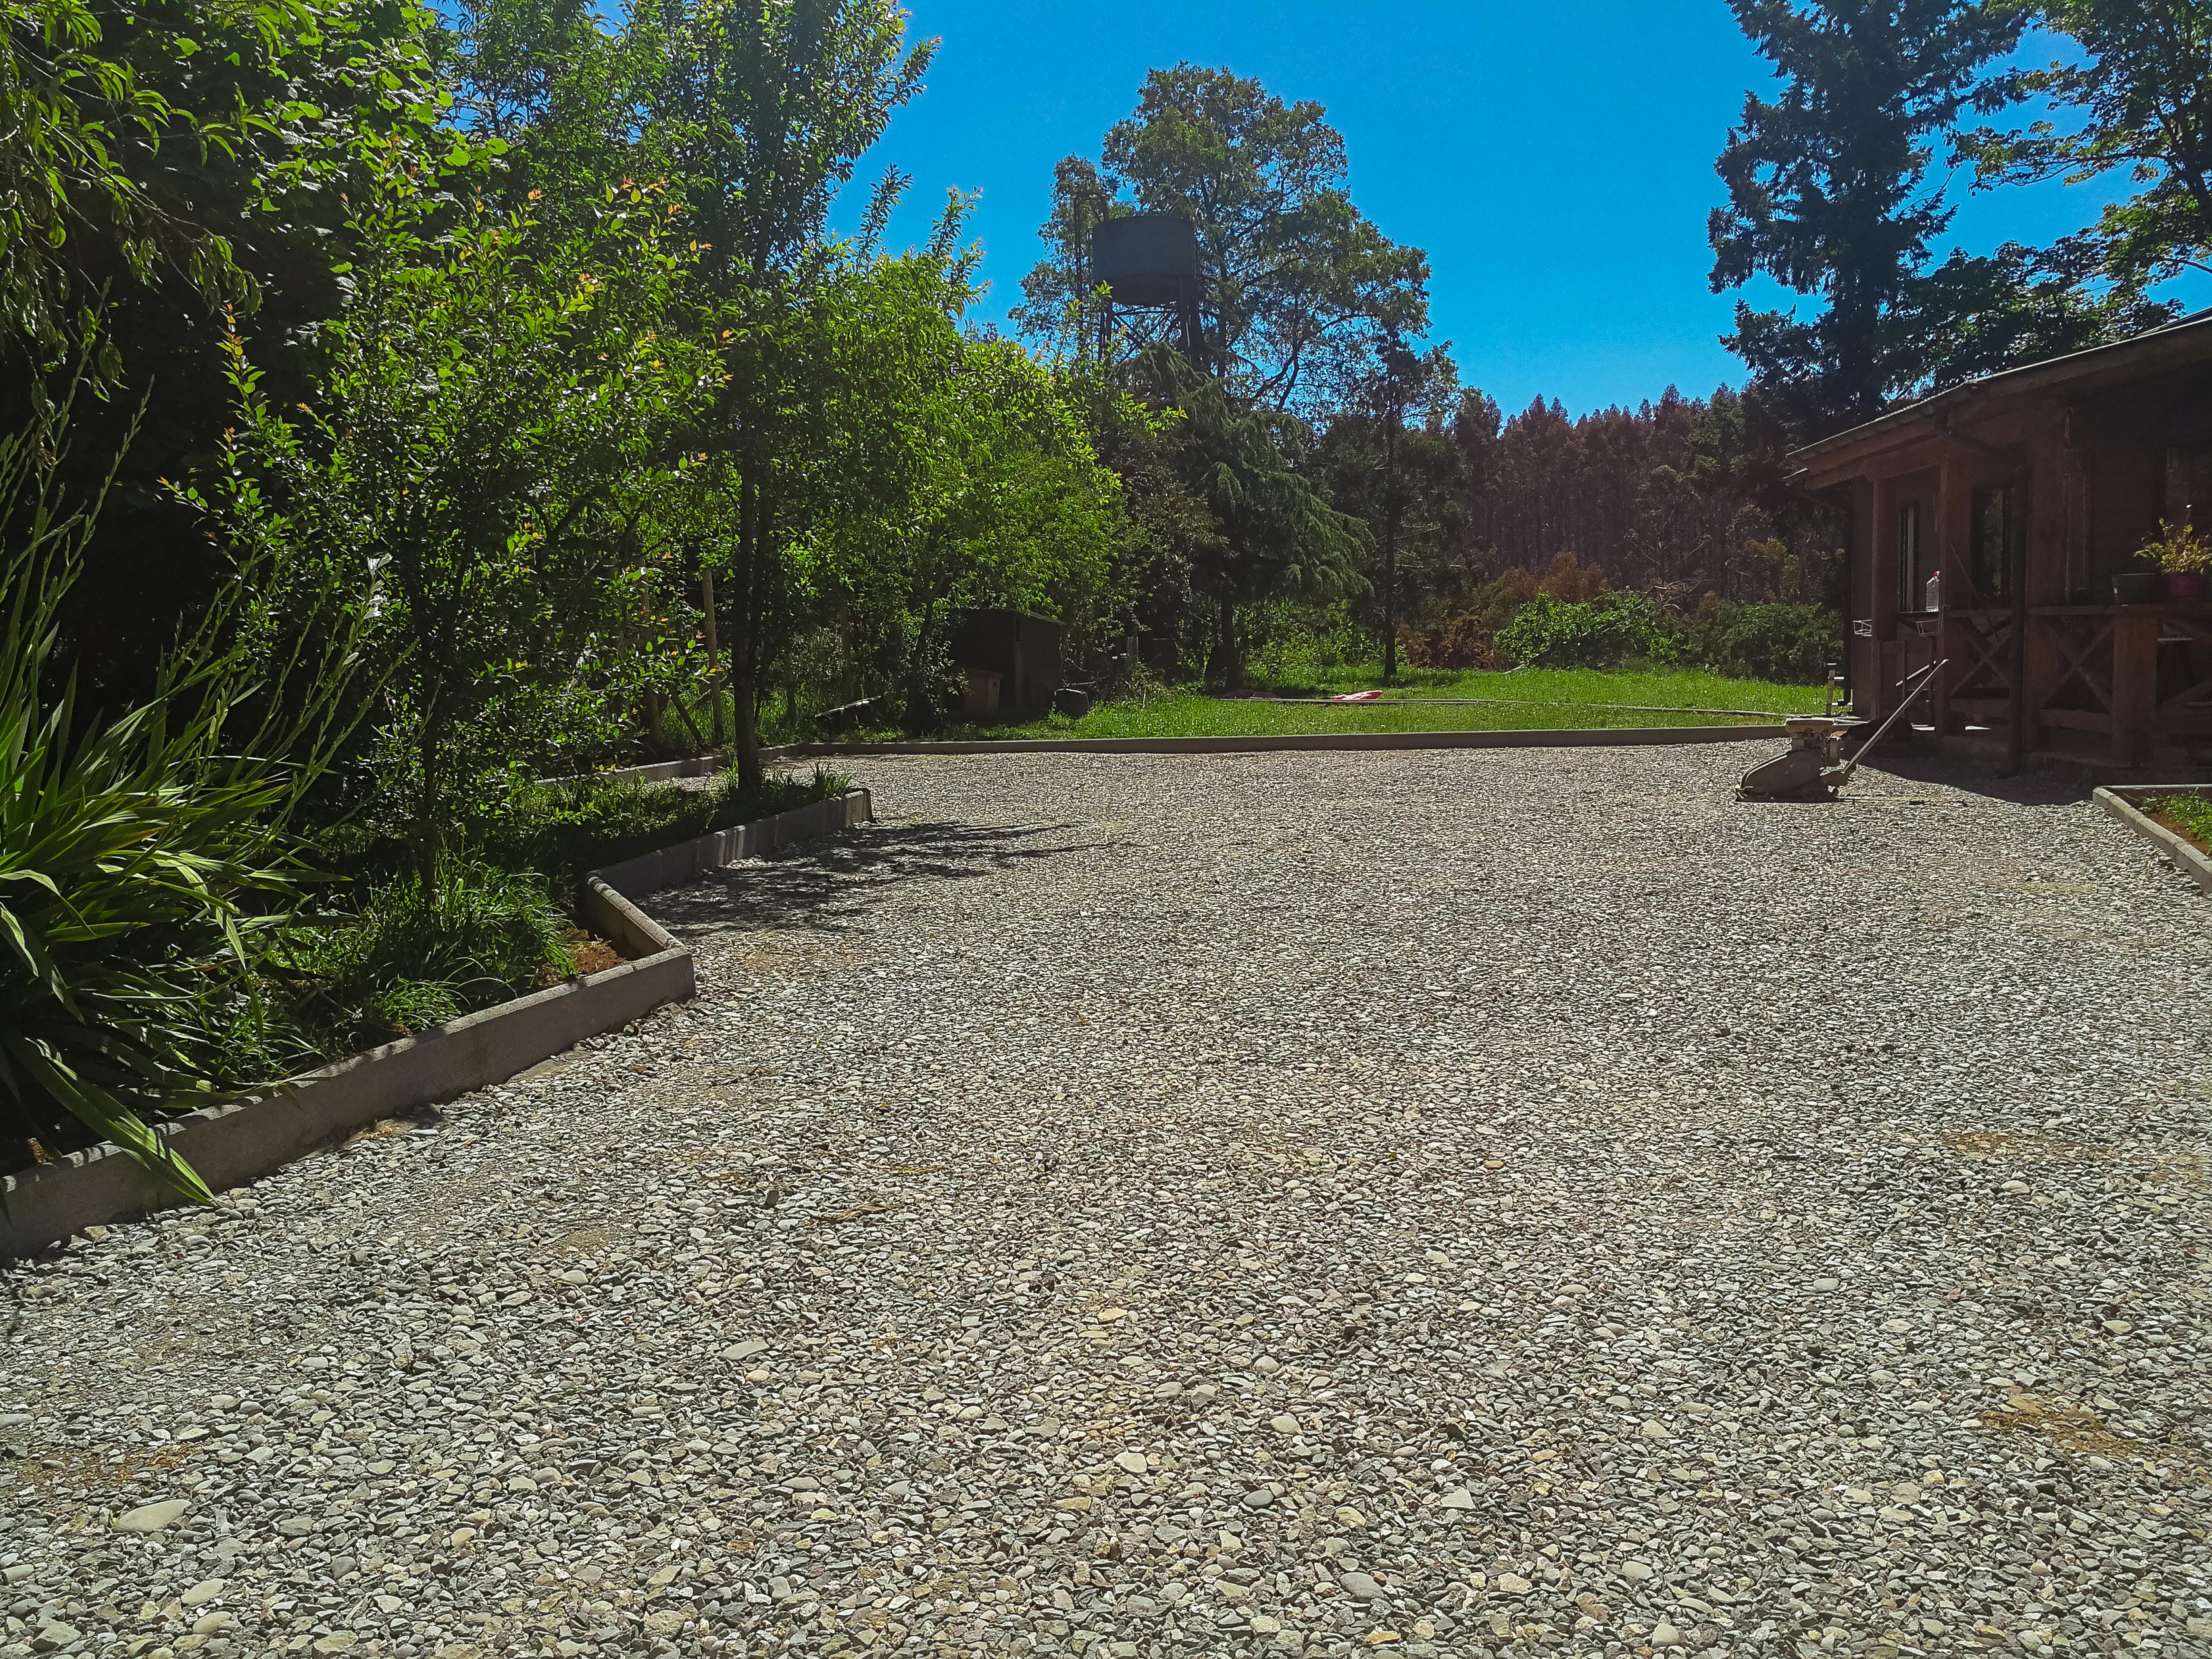 #patagonia_#surdechile_#lagoranco_#jardí